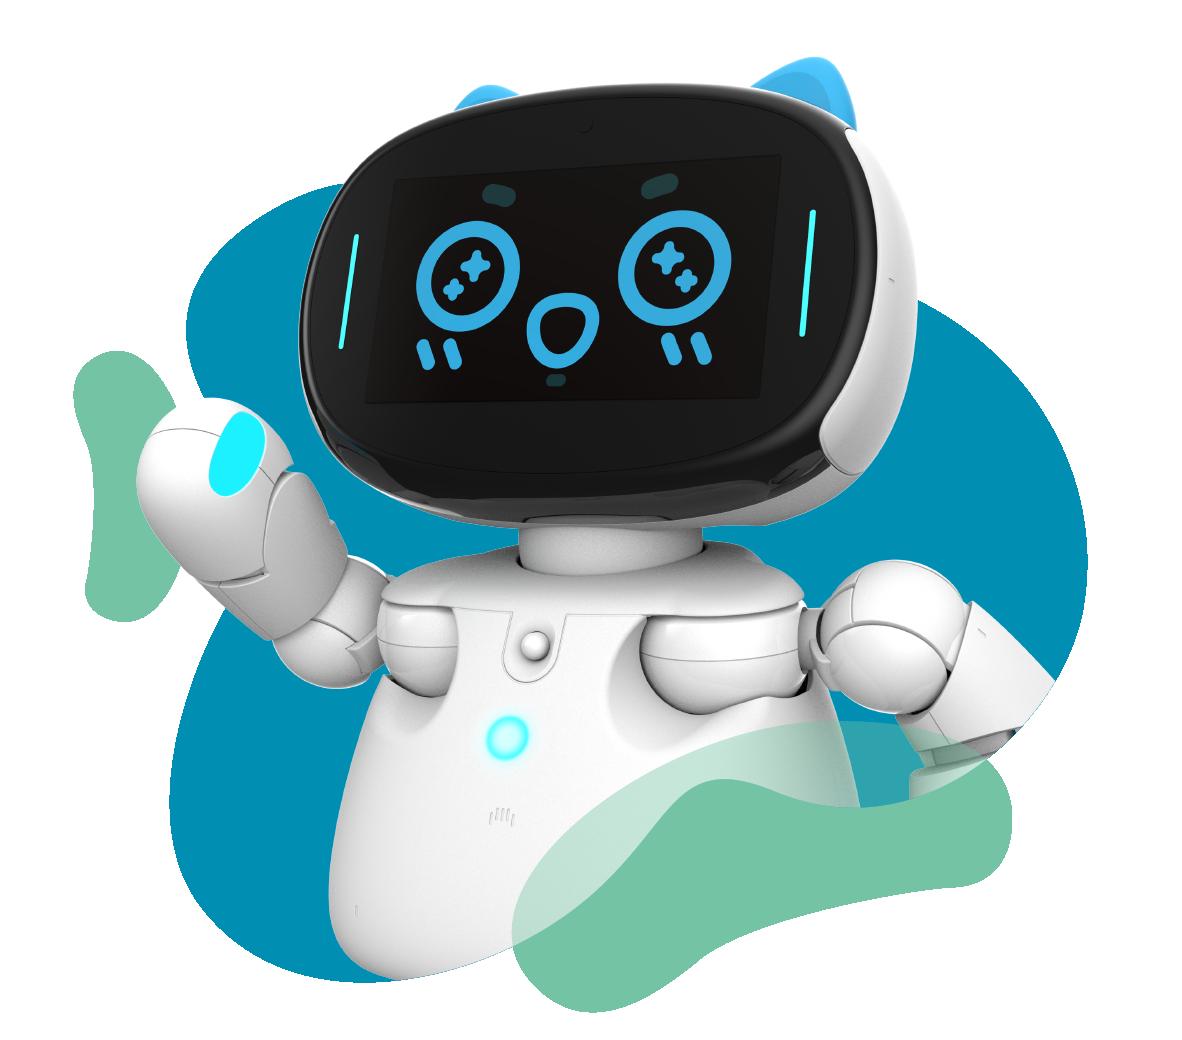 女媧創造,自主研發設計了 市場上動作表現最活靈活現的智能教育陪伴機器人! 團隊專注於智能機器人產品的開發 致力於尖端技術、藝術與體驗的結合